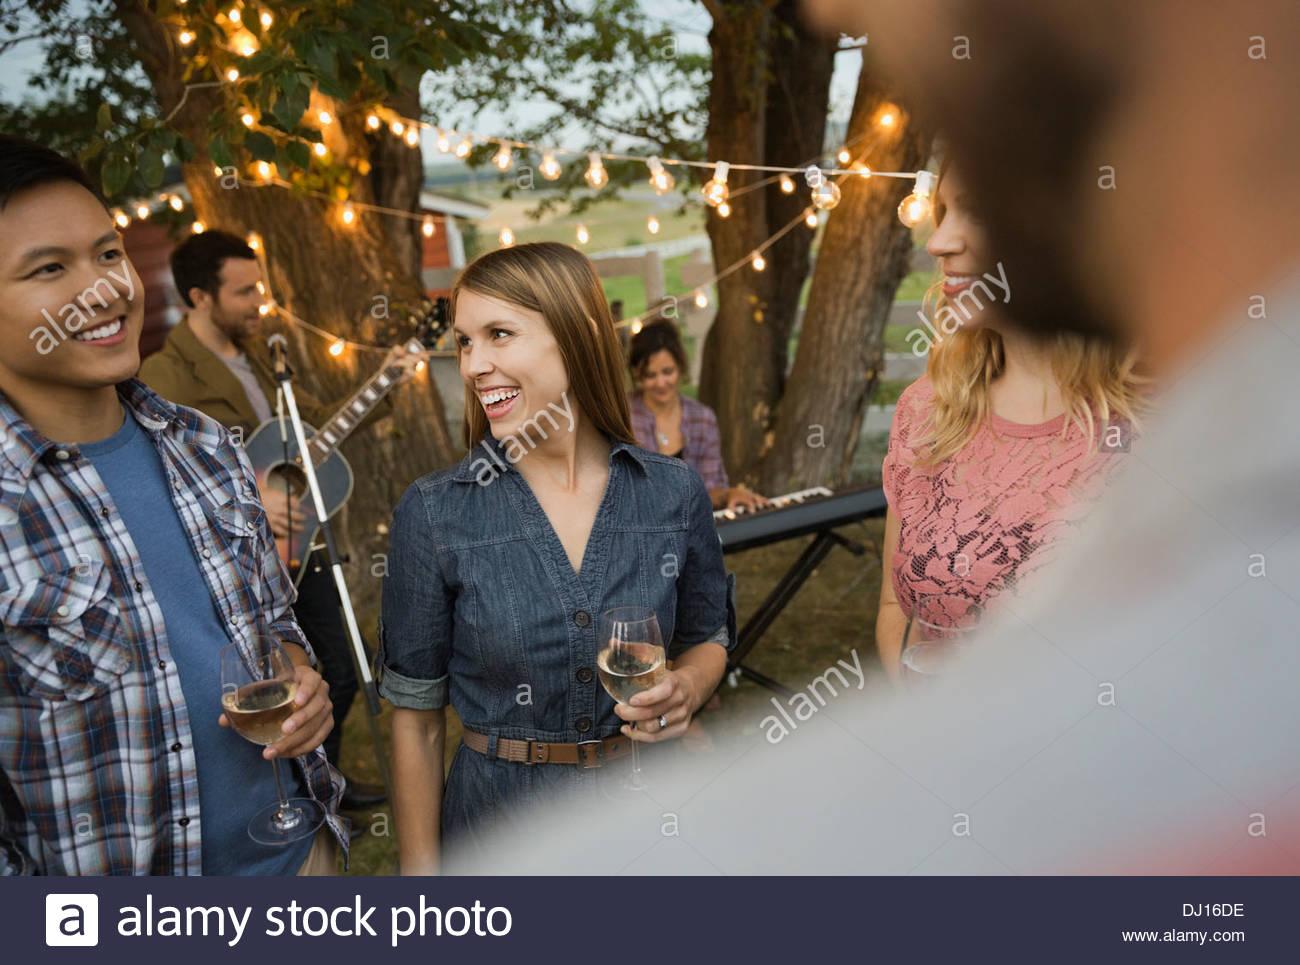 Multietnica amici godendo party all'aperto con fascia giocare Immagini Stock